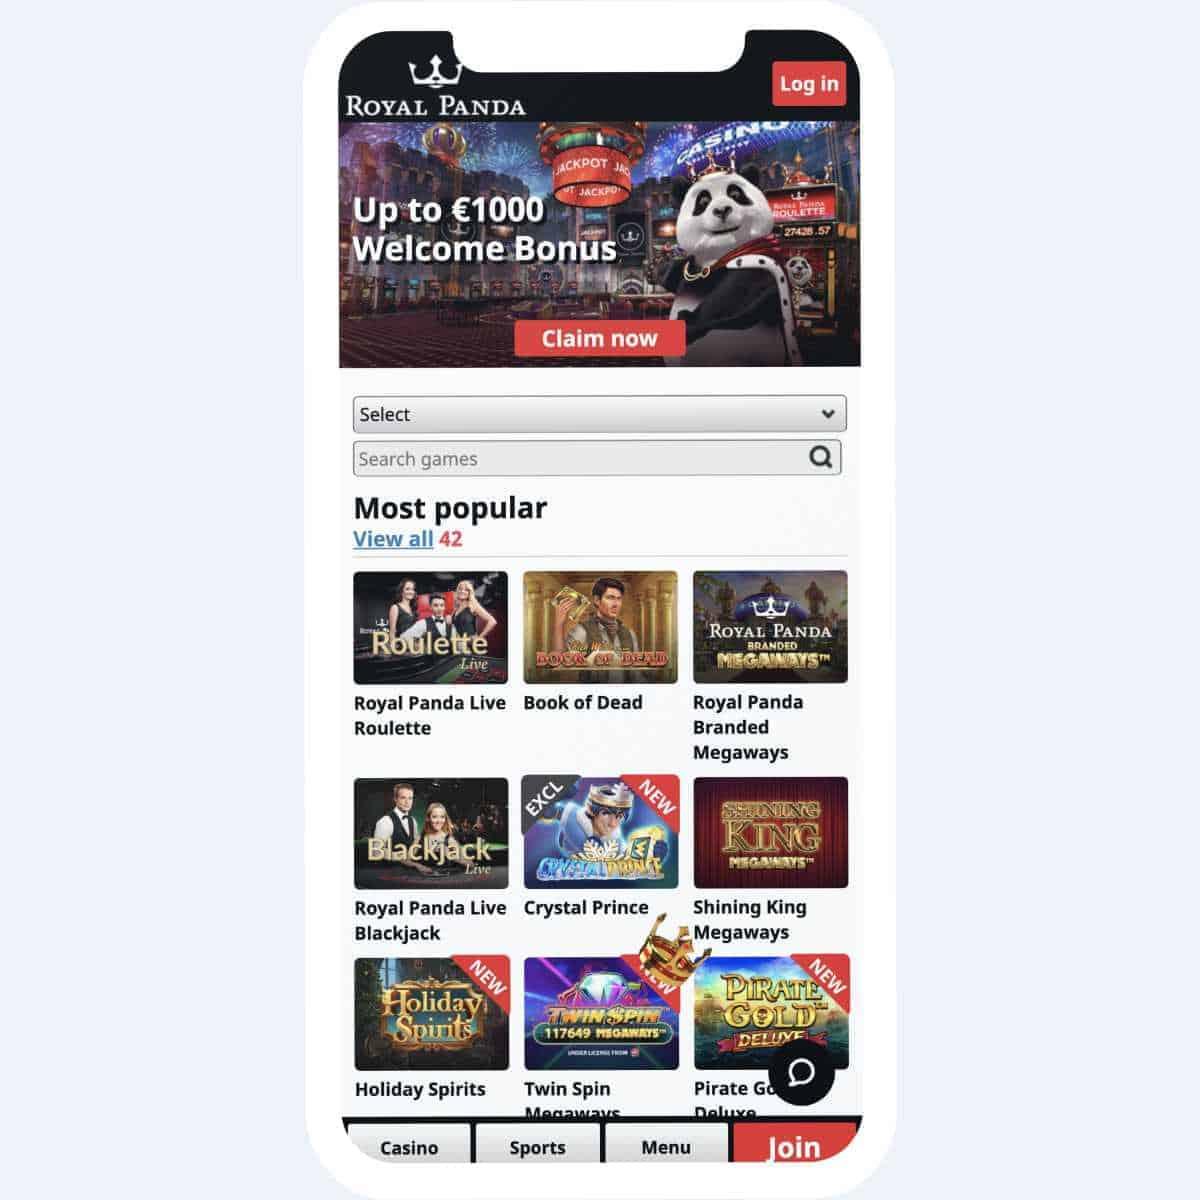 royal panda homepage mobile